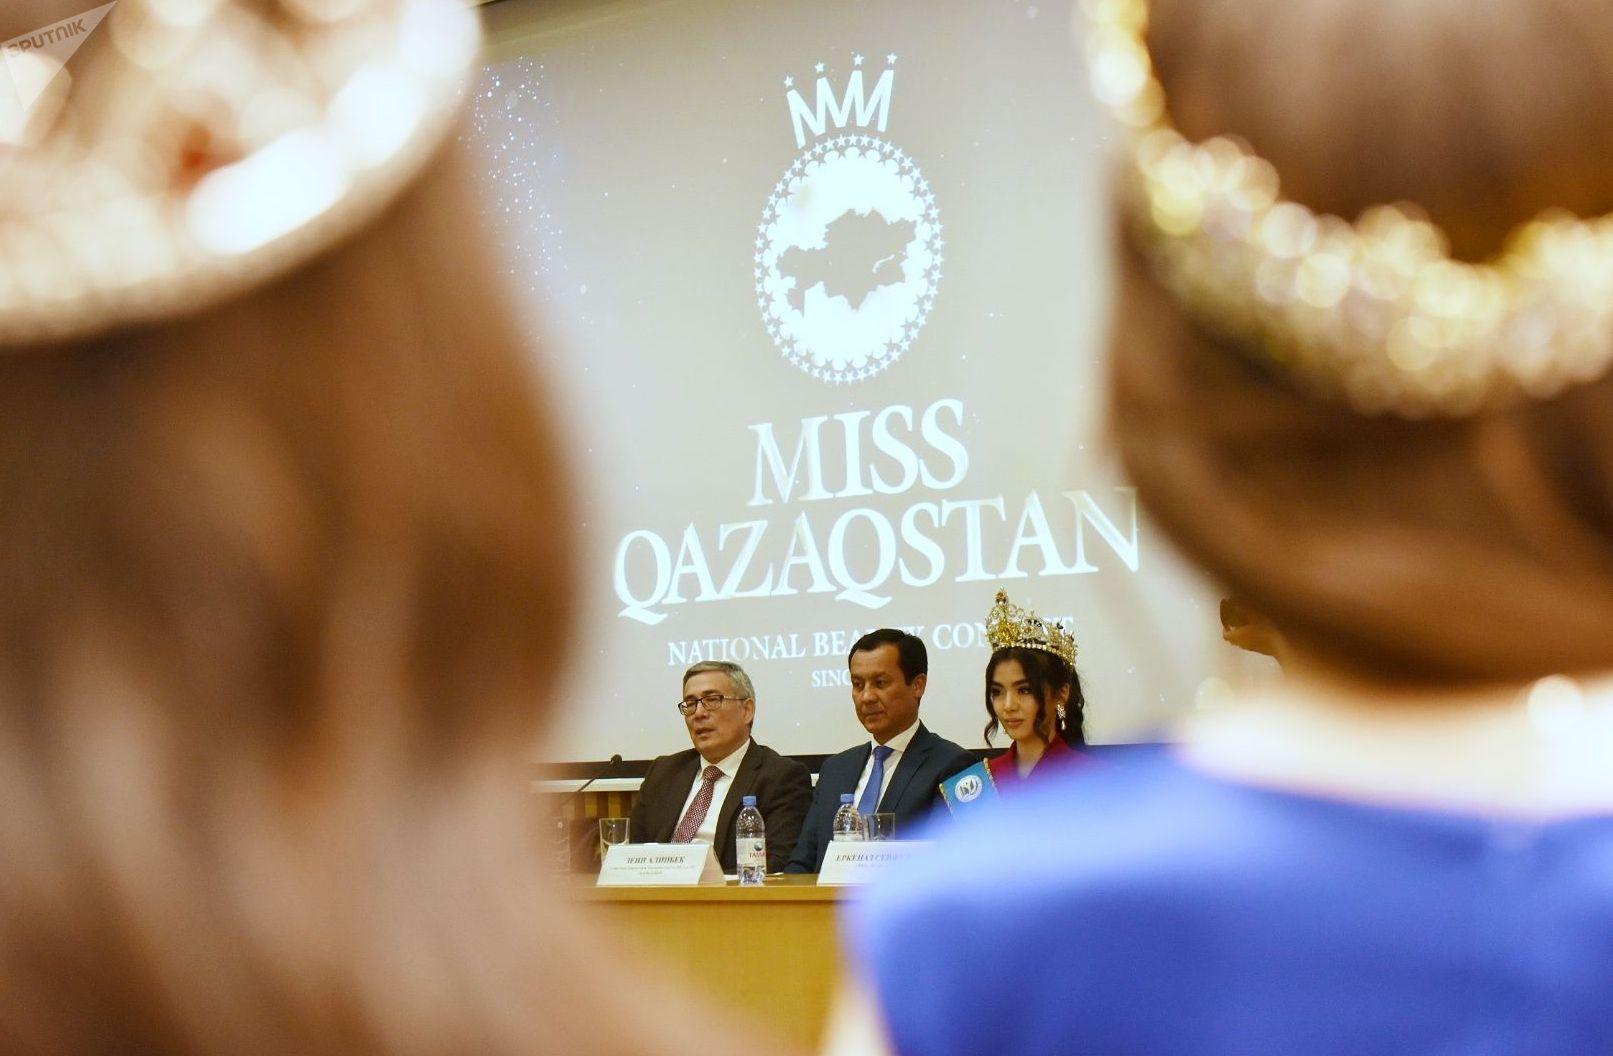 Жюри отберет пятерку финалисток, а первую красавицу страны выберут сами казахстанцы онлайн и sms-голосованием